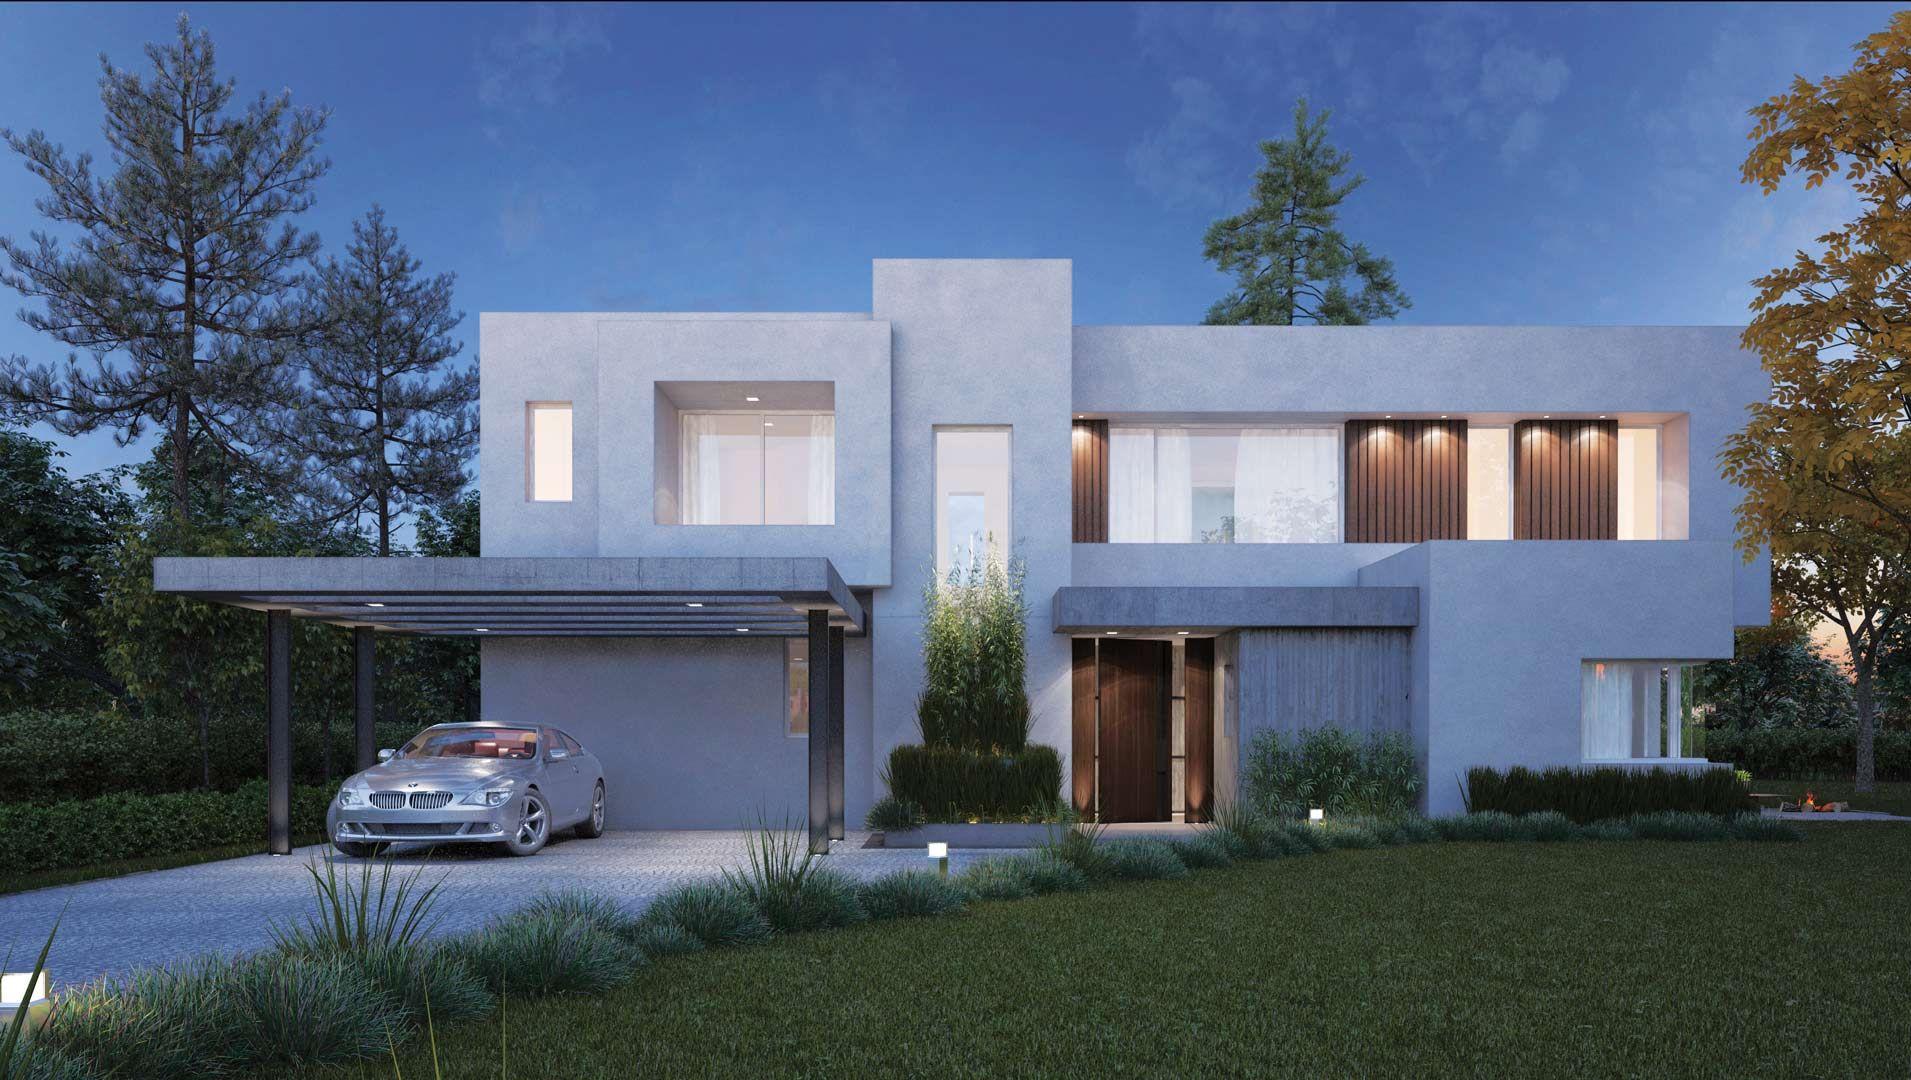 Estudio gamboa casa caf portal de arquitectos casa for Portal de arquitectos casa de campo